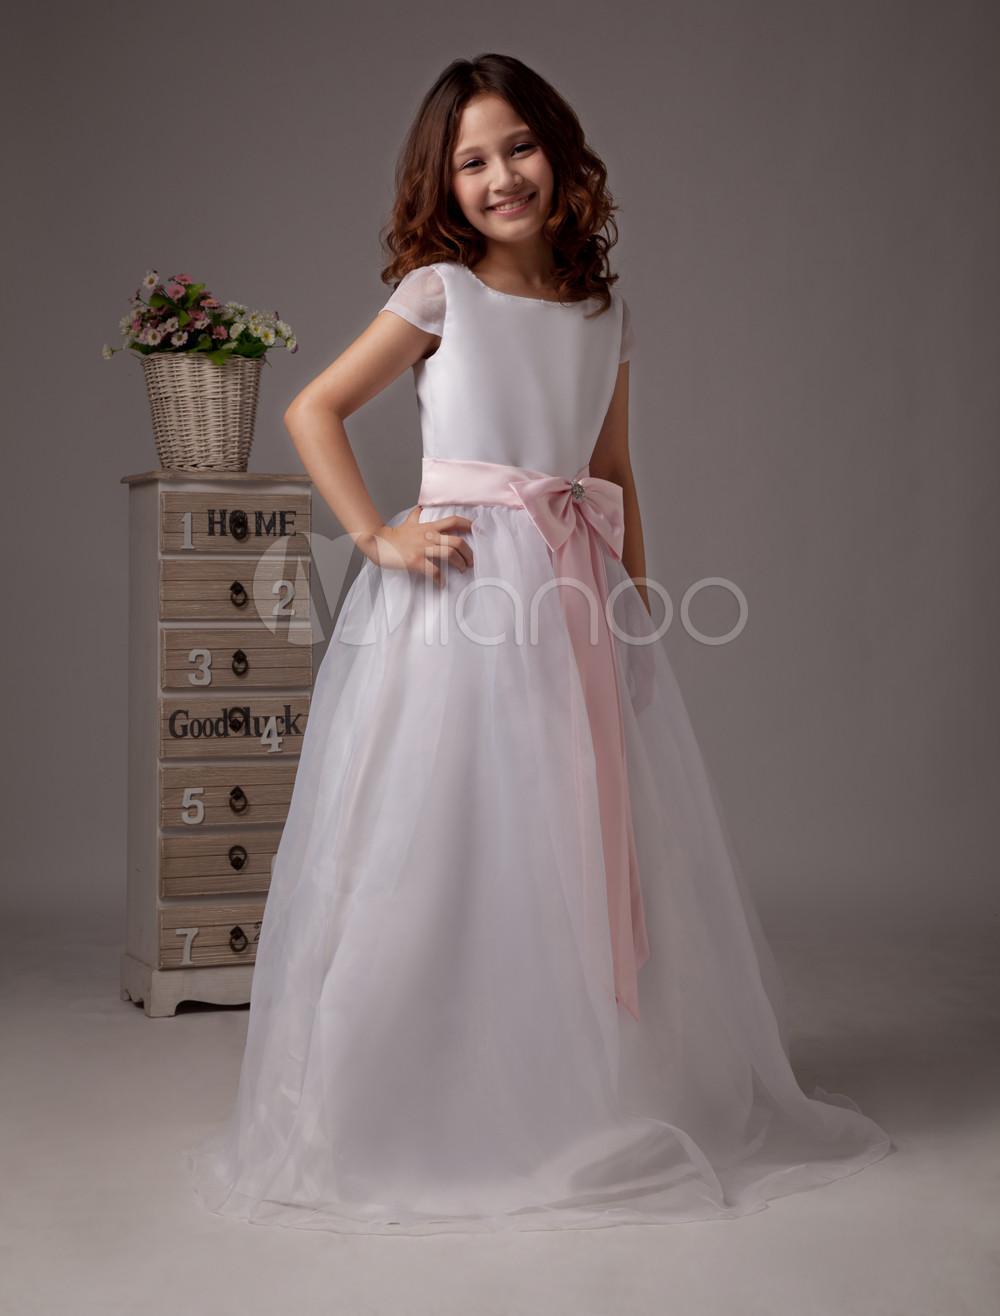 Short Sleeves Sash Bow Satin Flower Girl Dress